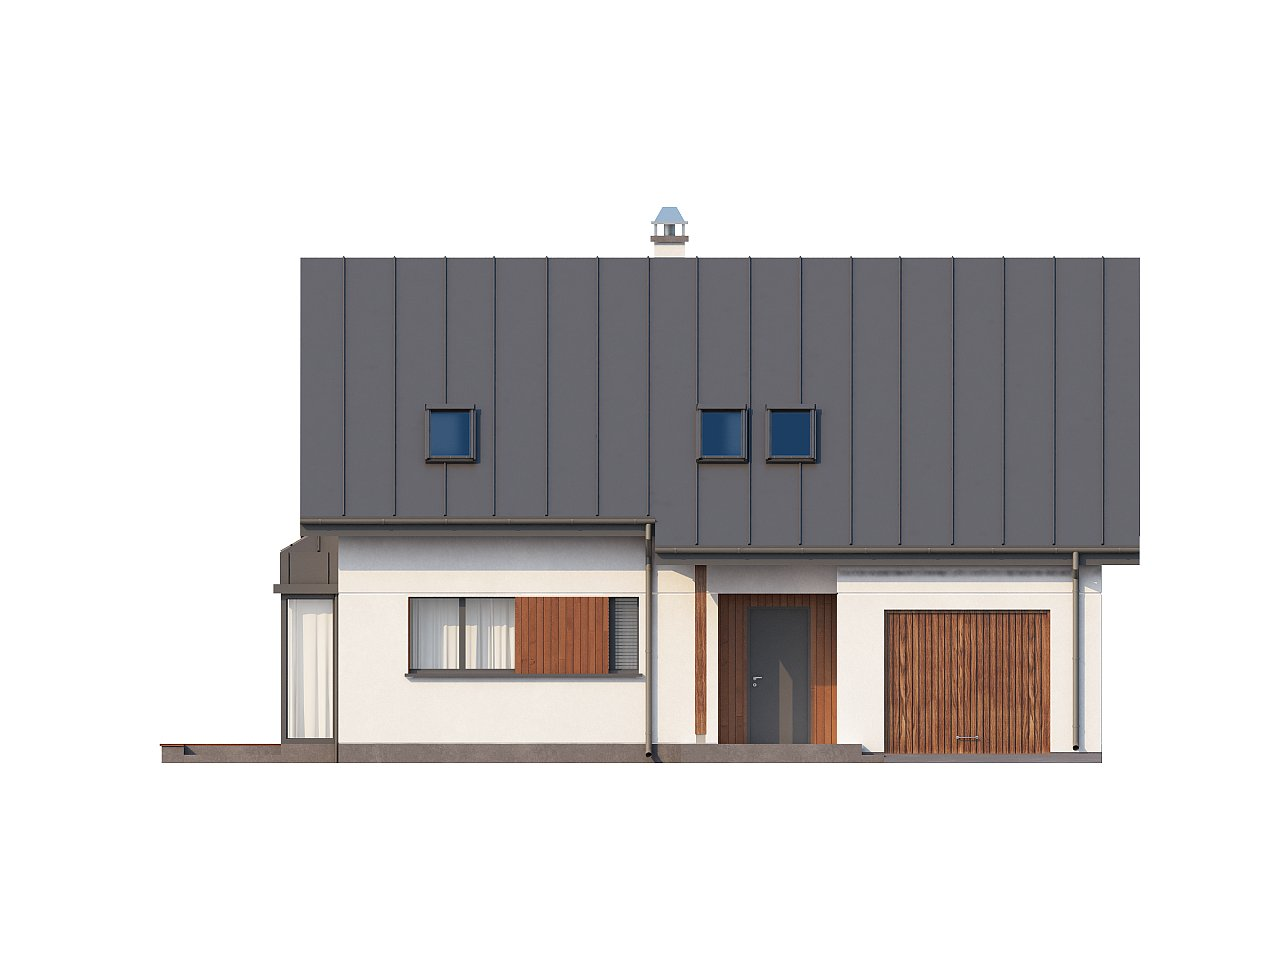 Практичный дом с мансардой, гаражом, кабинетом на первом этаже и стильным эркером. 3